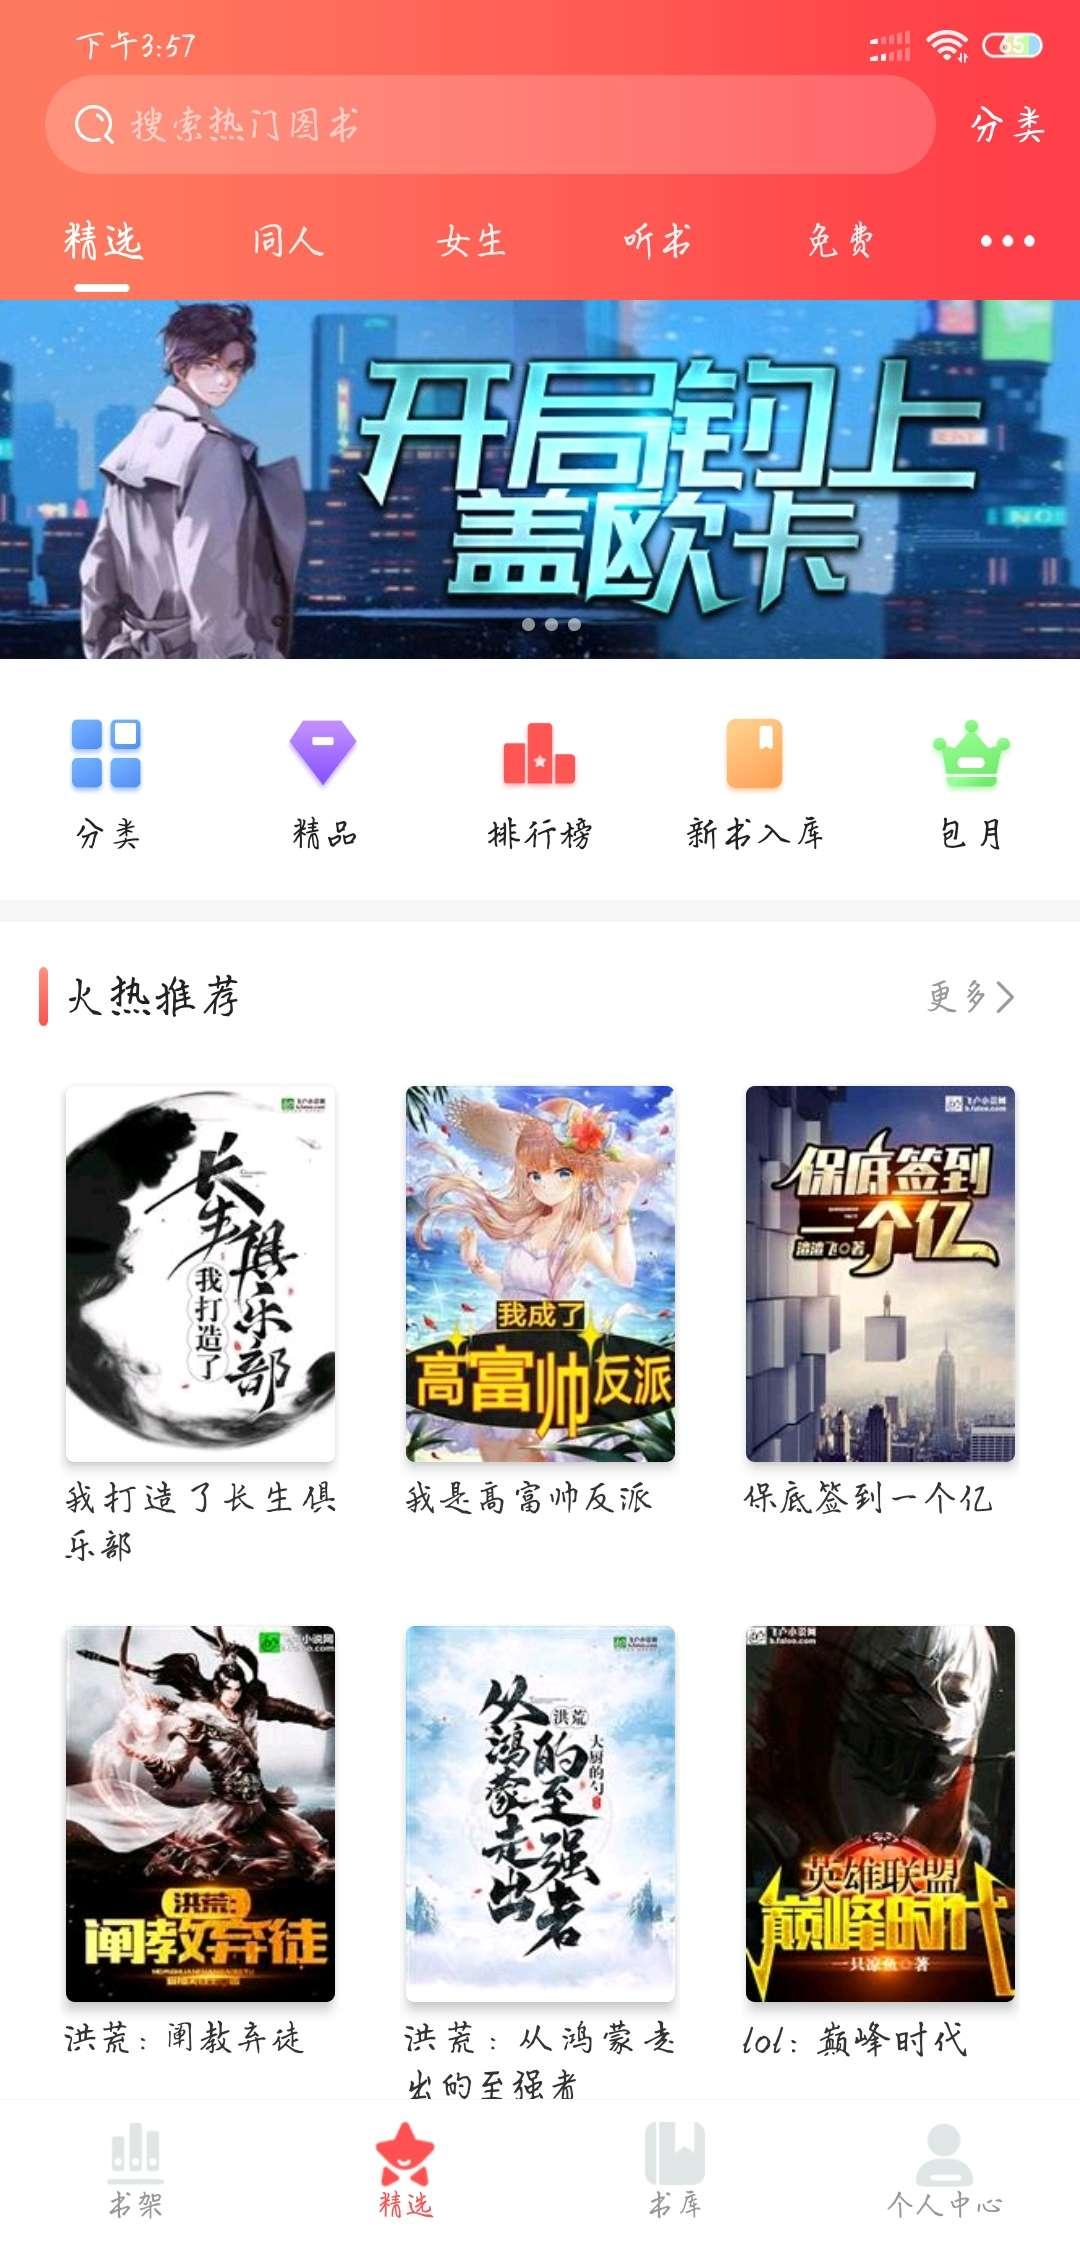 [分享]飞卢小说